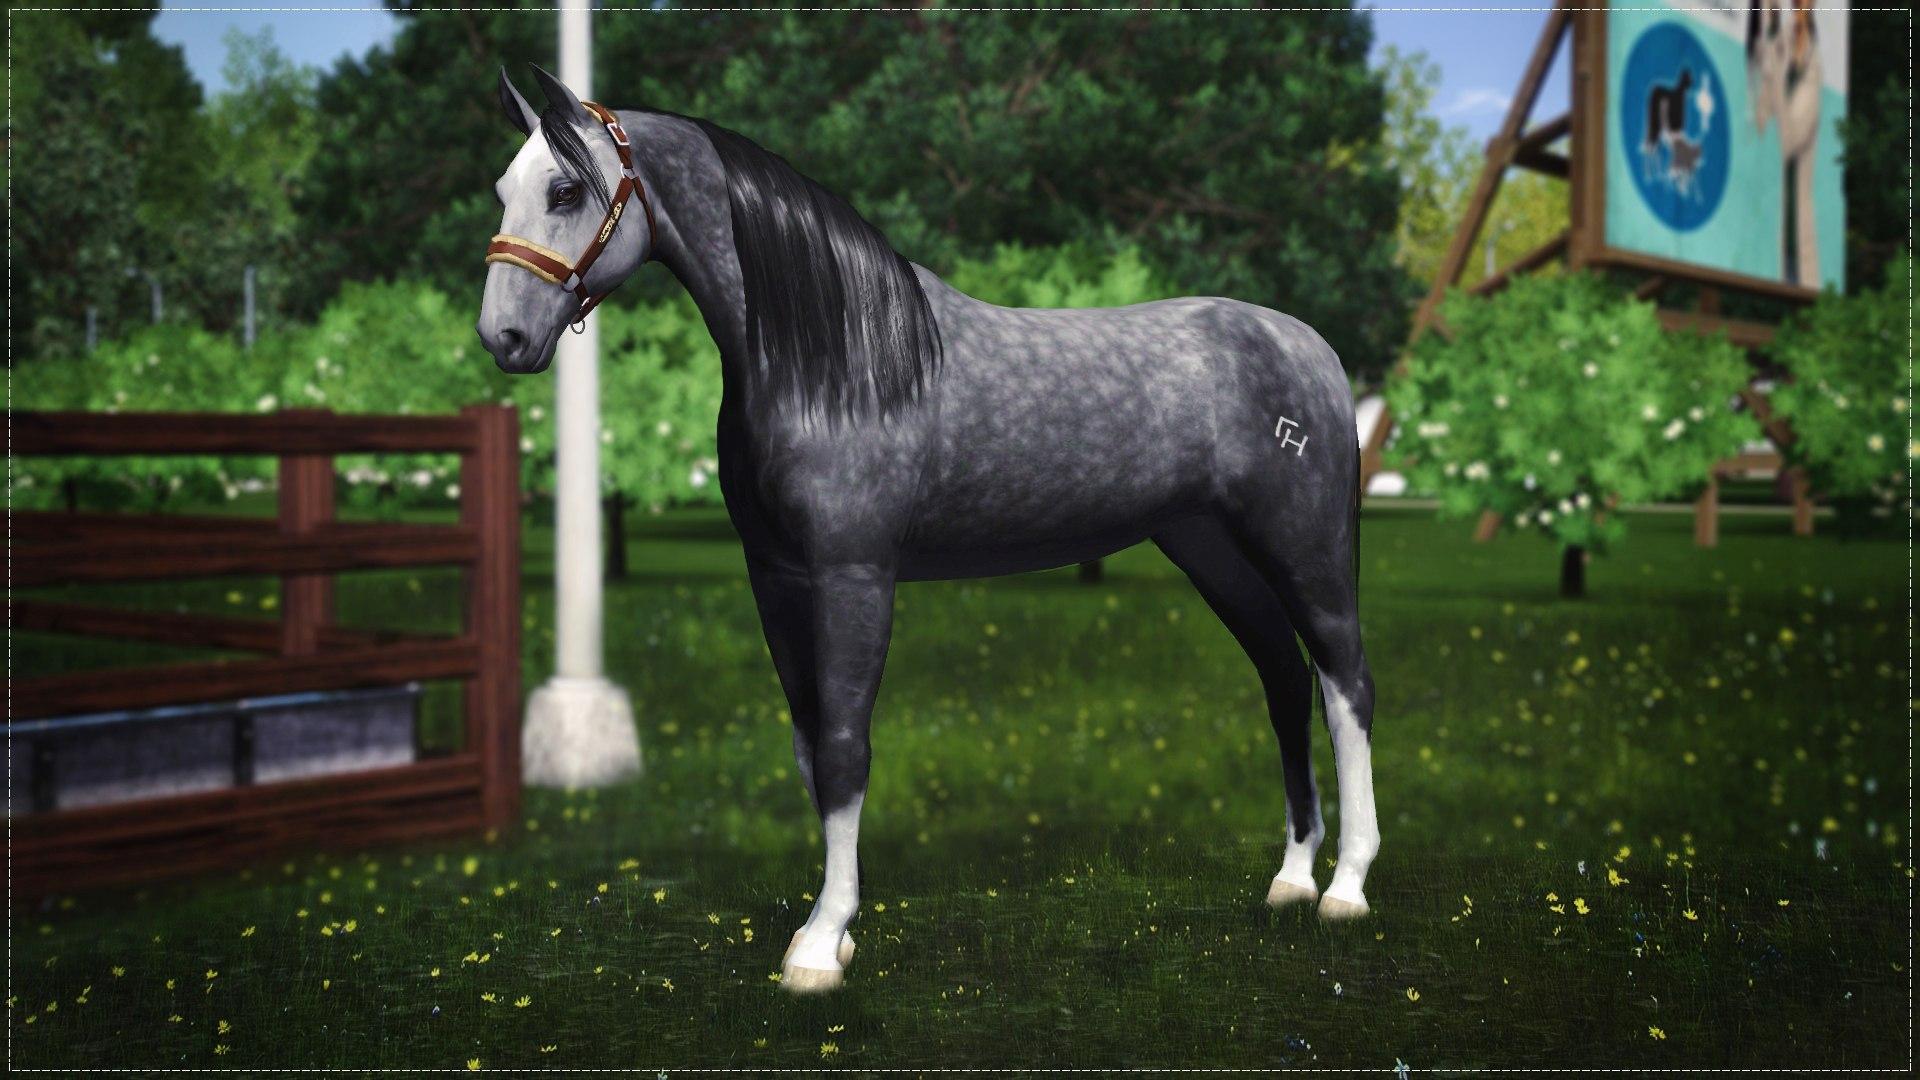 Регистрация лошадей в RHF 2 - Страница 7 Bfv91-PM5UY